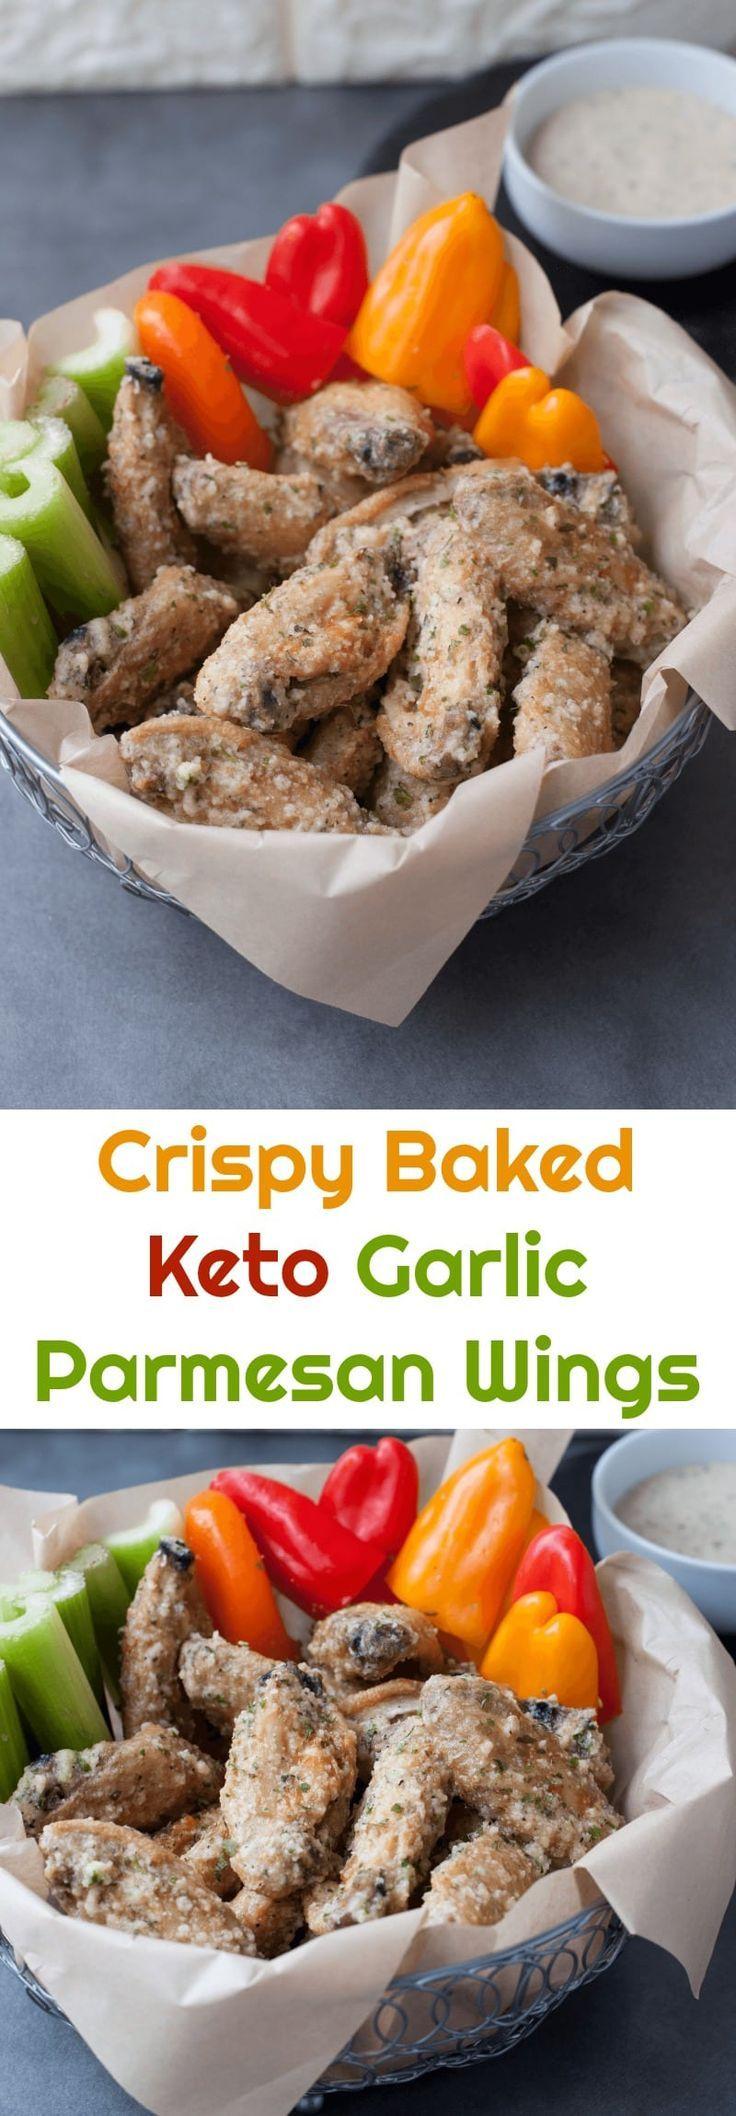 Crispy Baked Garlic Parmesan Wings Recipe Garlic